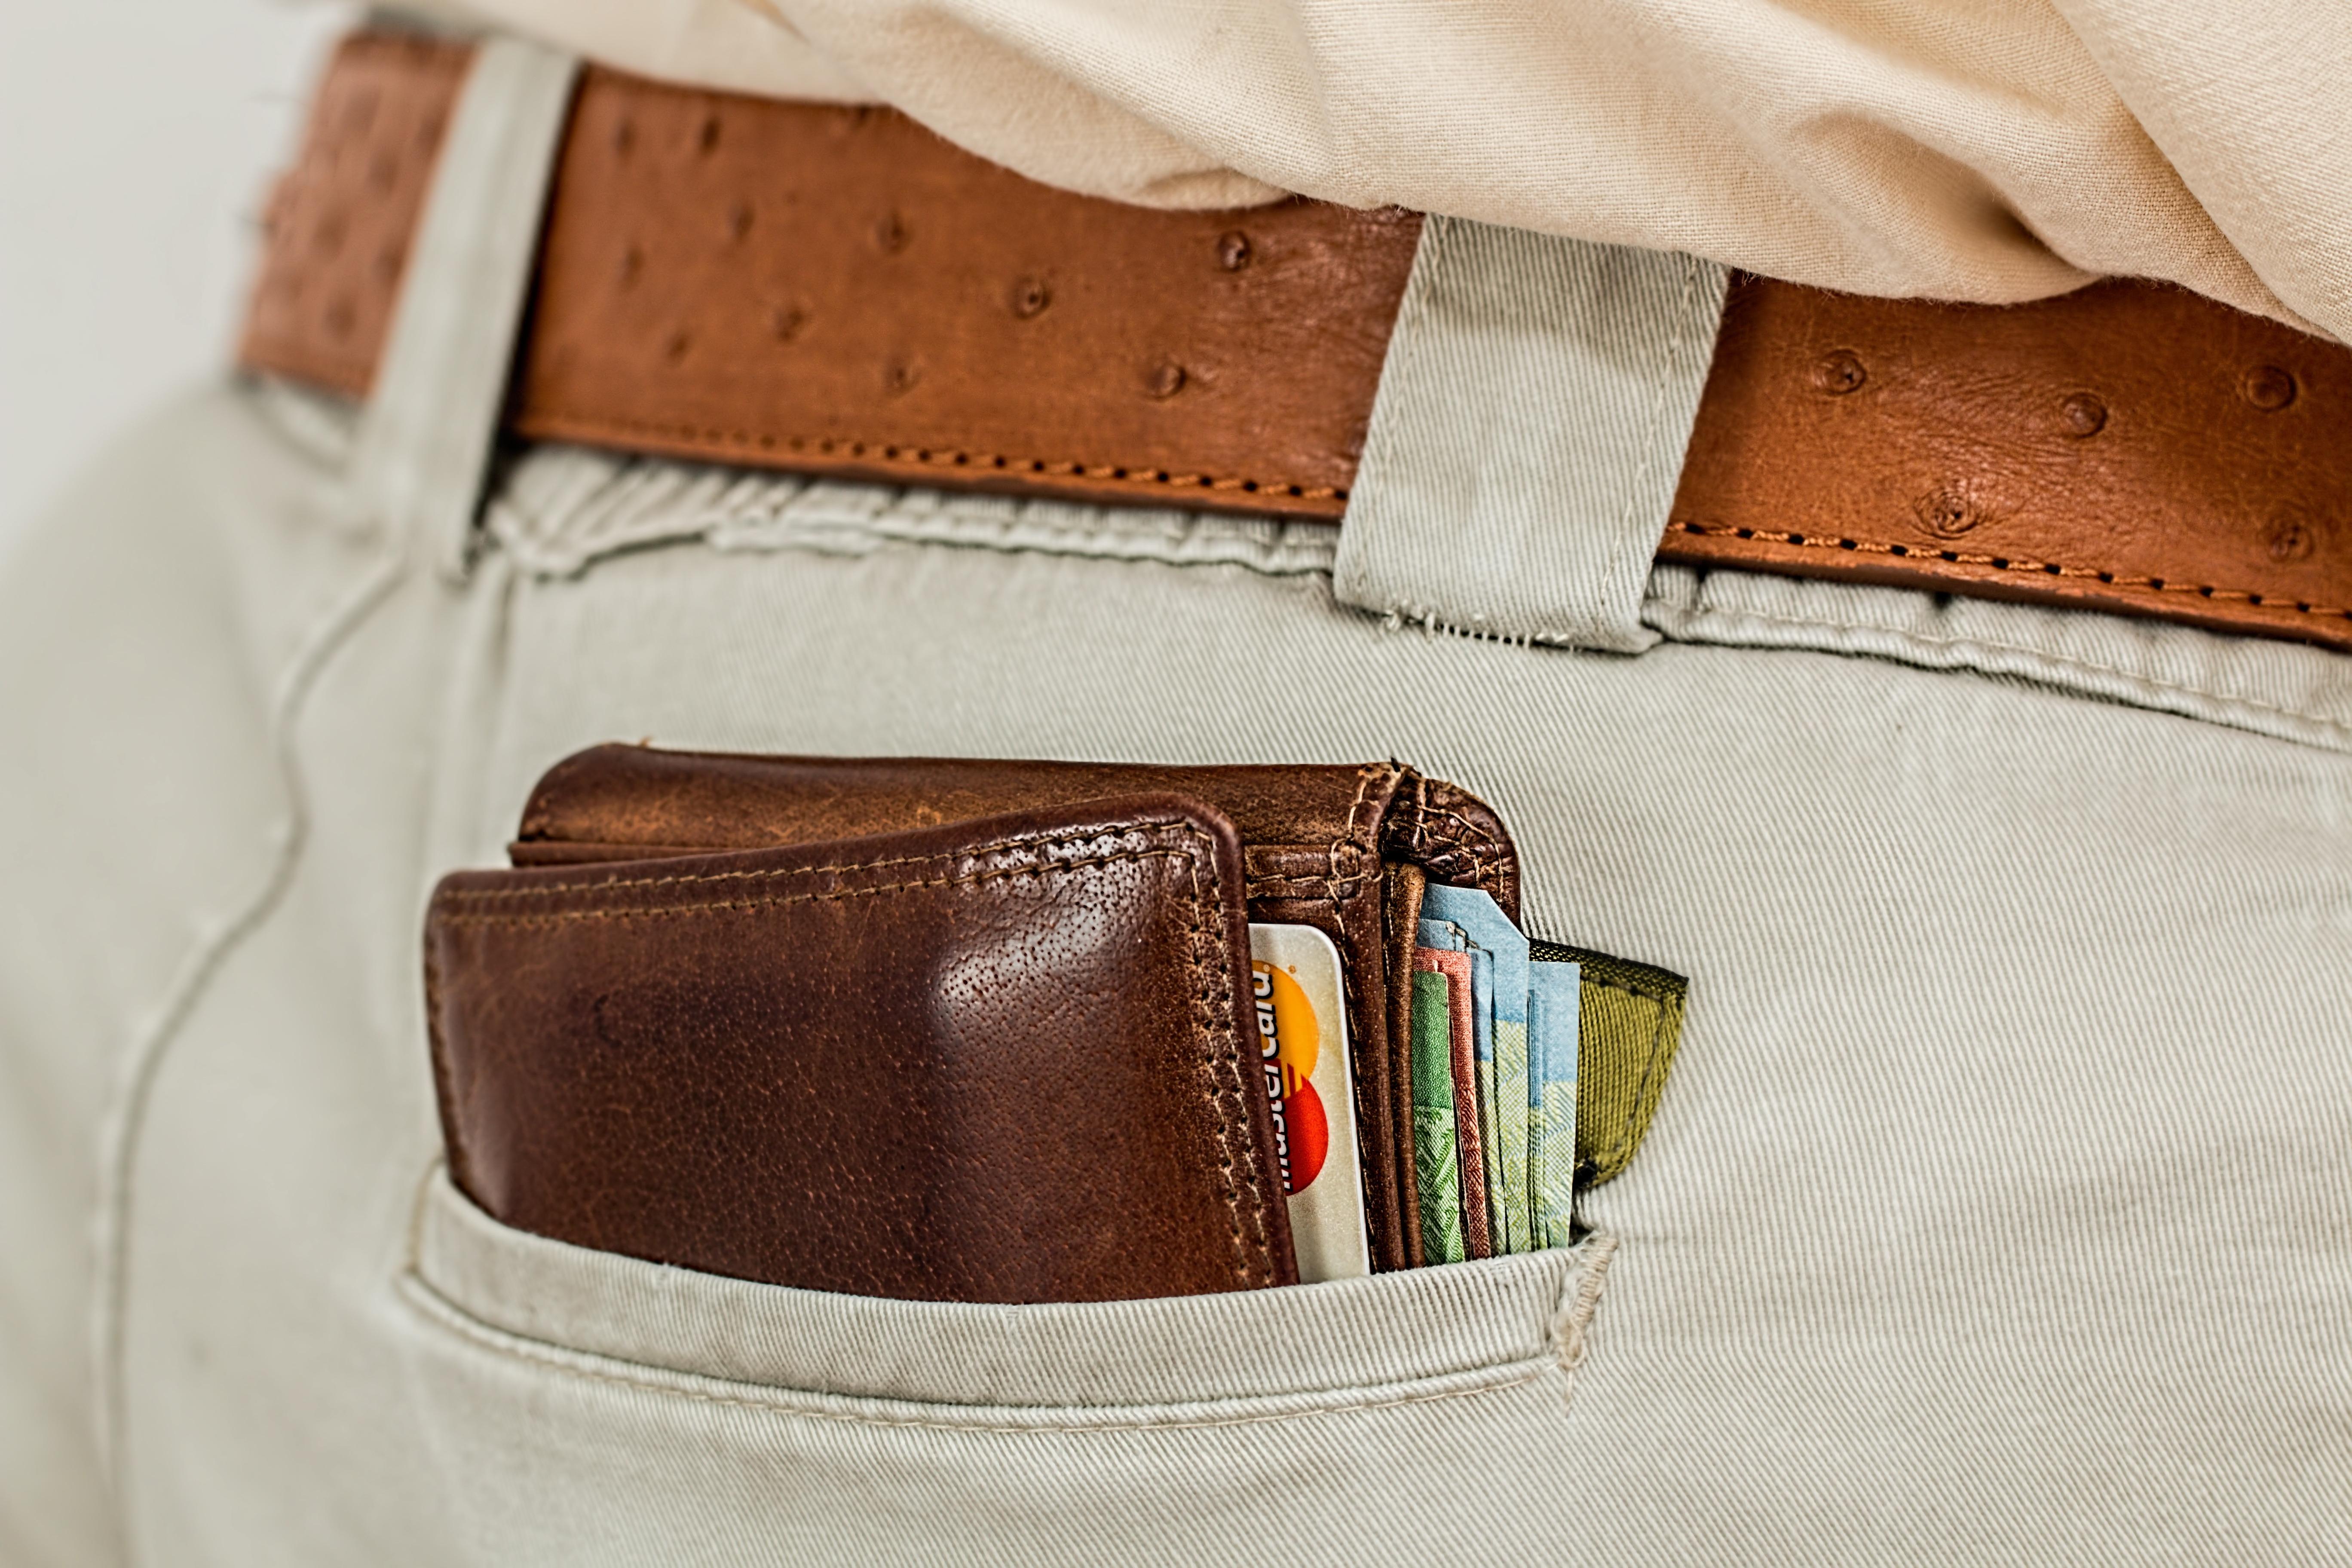 財布に手を突っ込んでお金を引っこ抜く行為